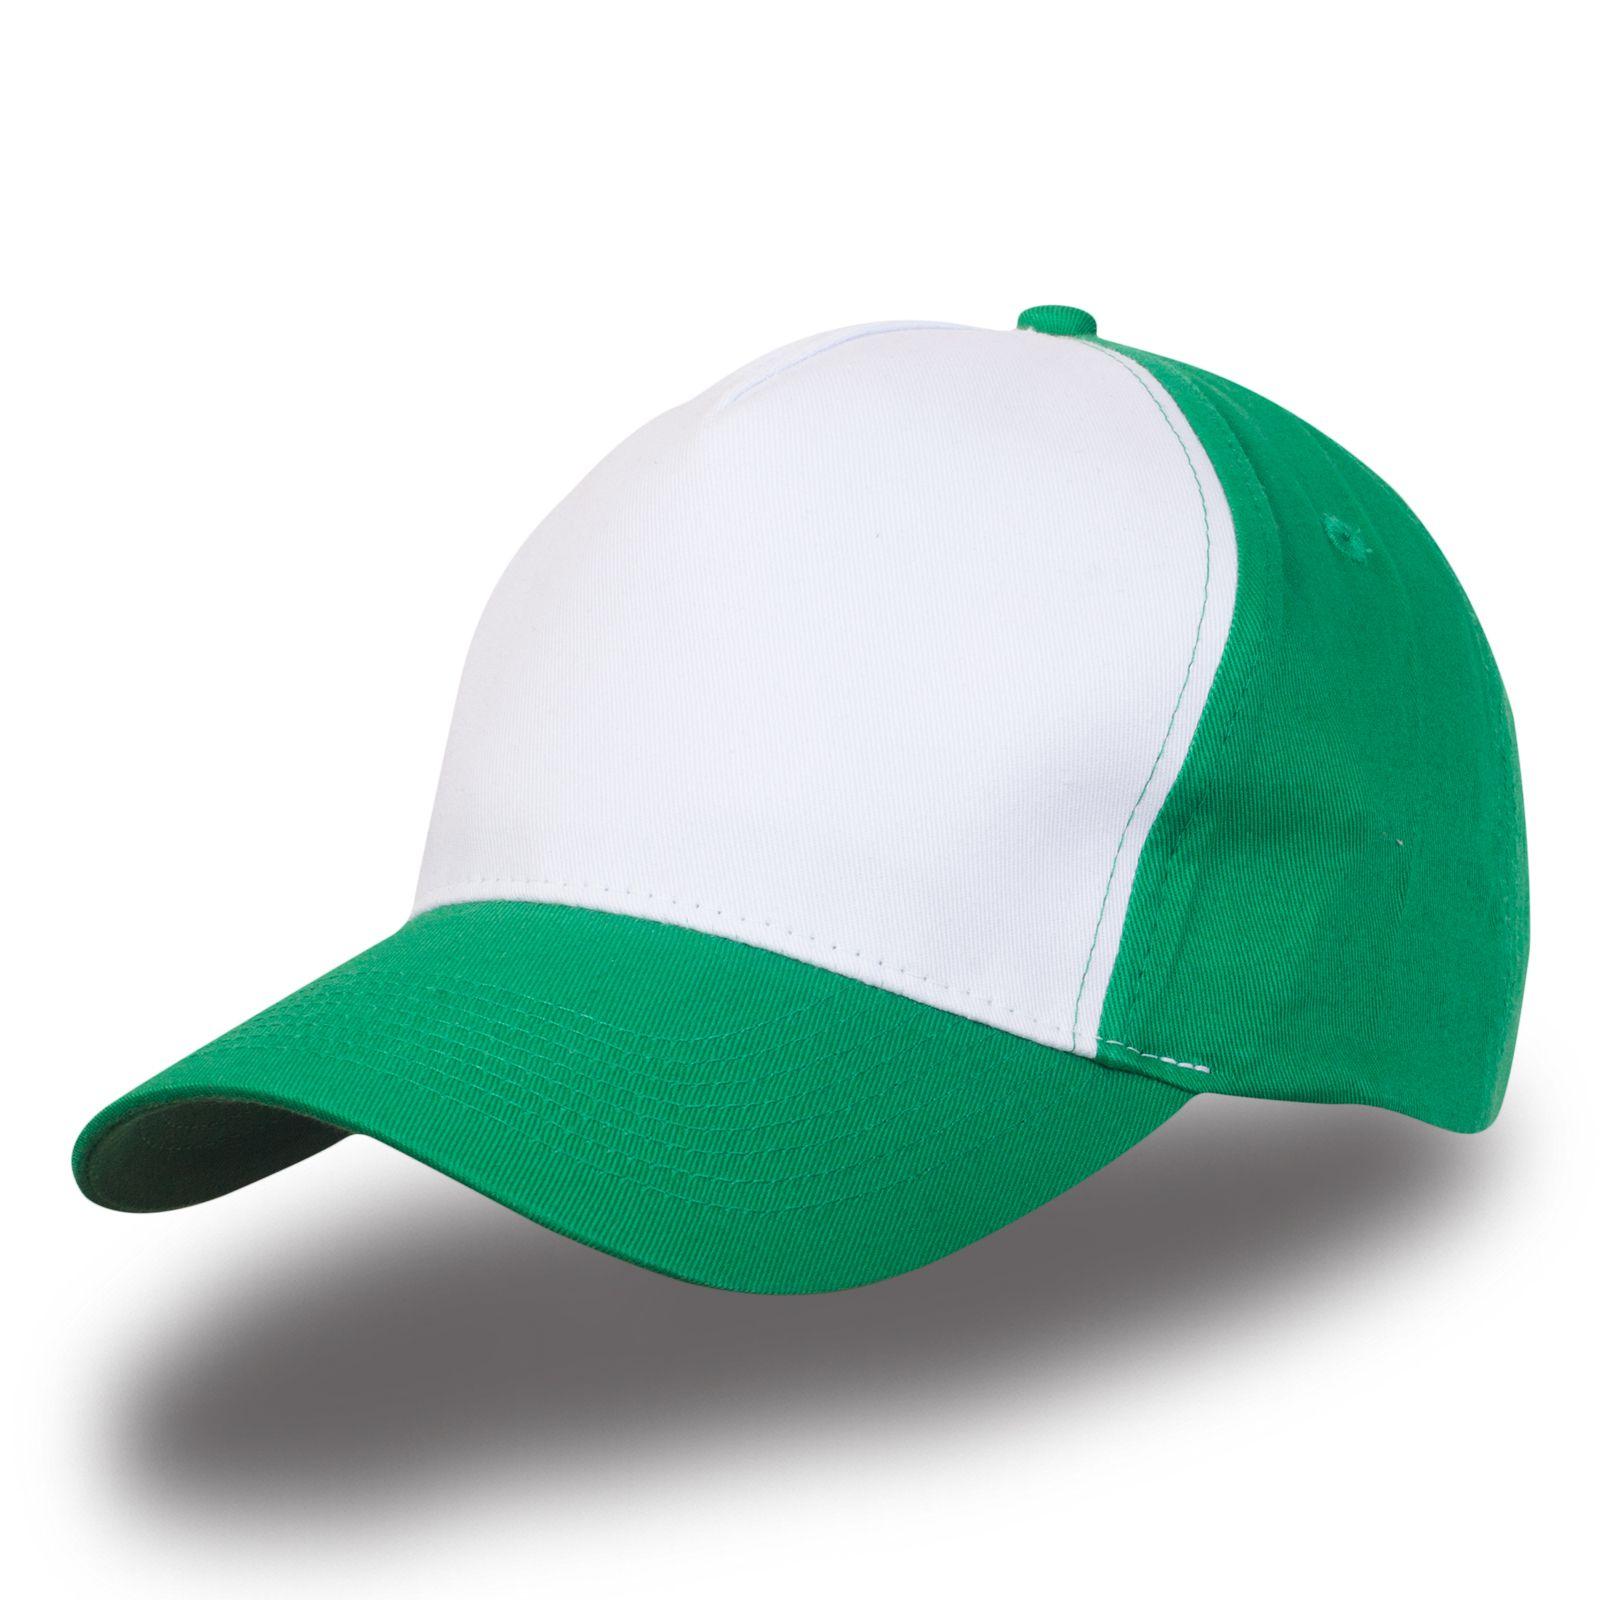 Зеленая бейсболка - купить в интернет-магазине с доставкой